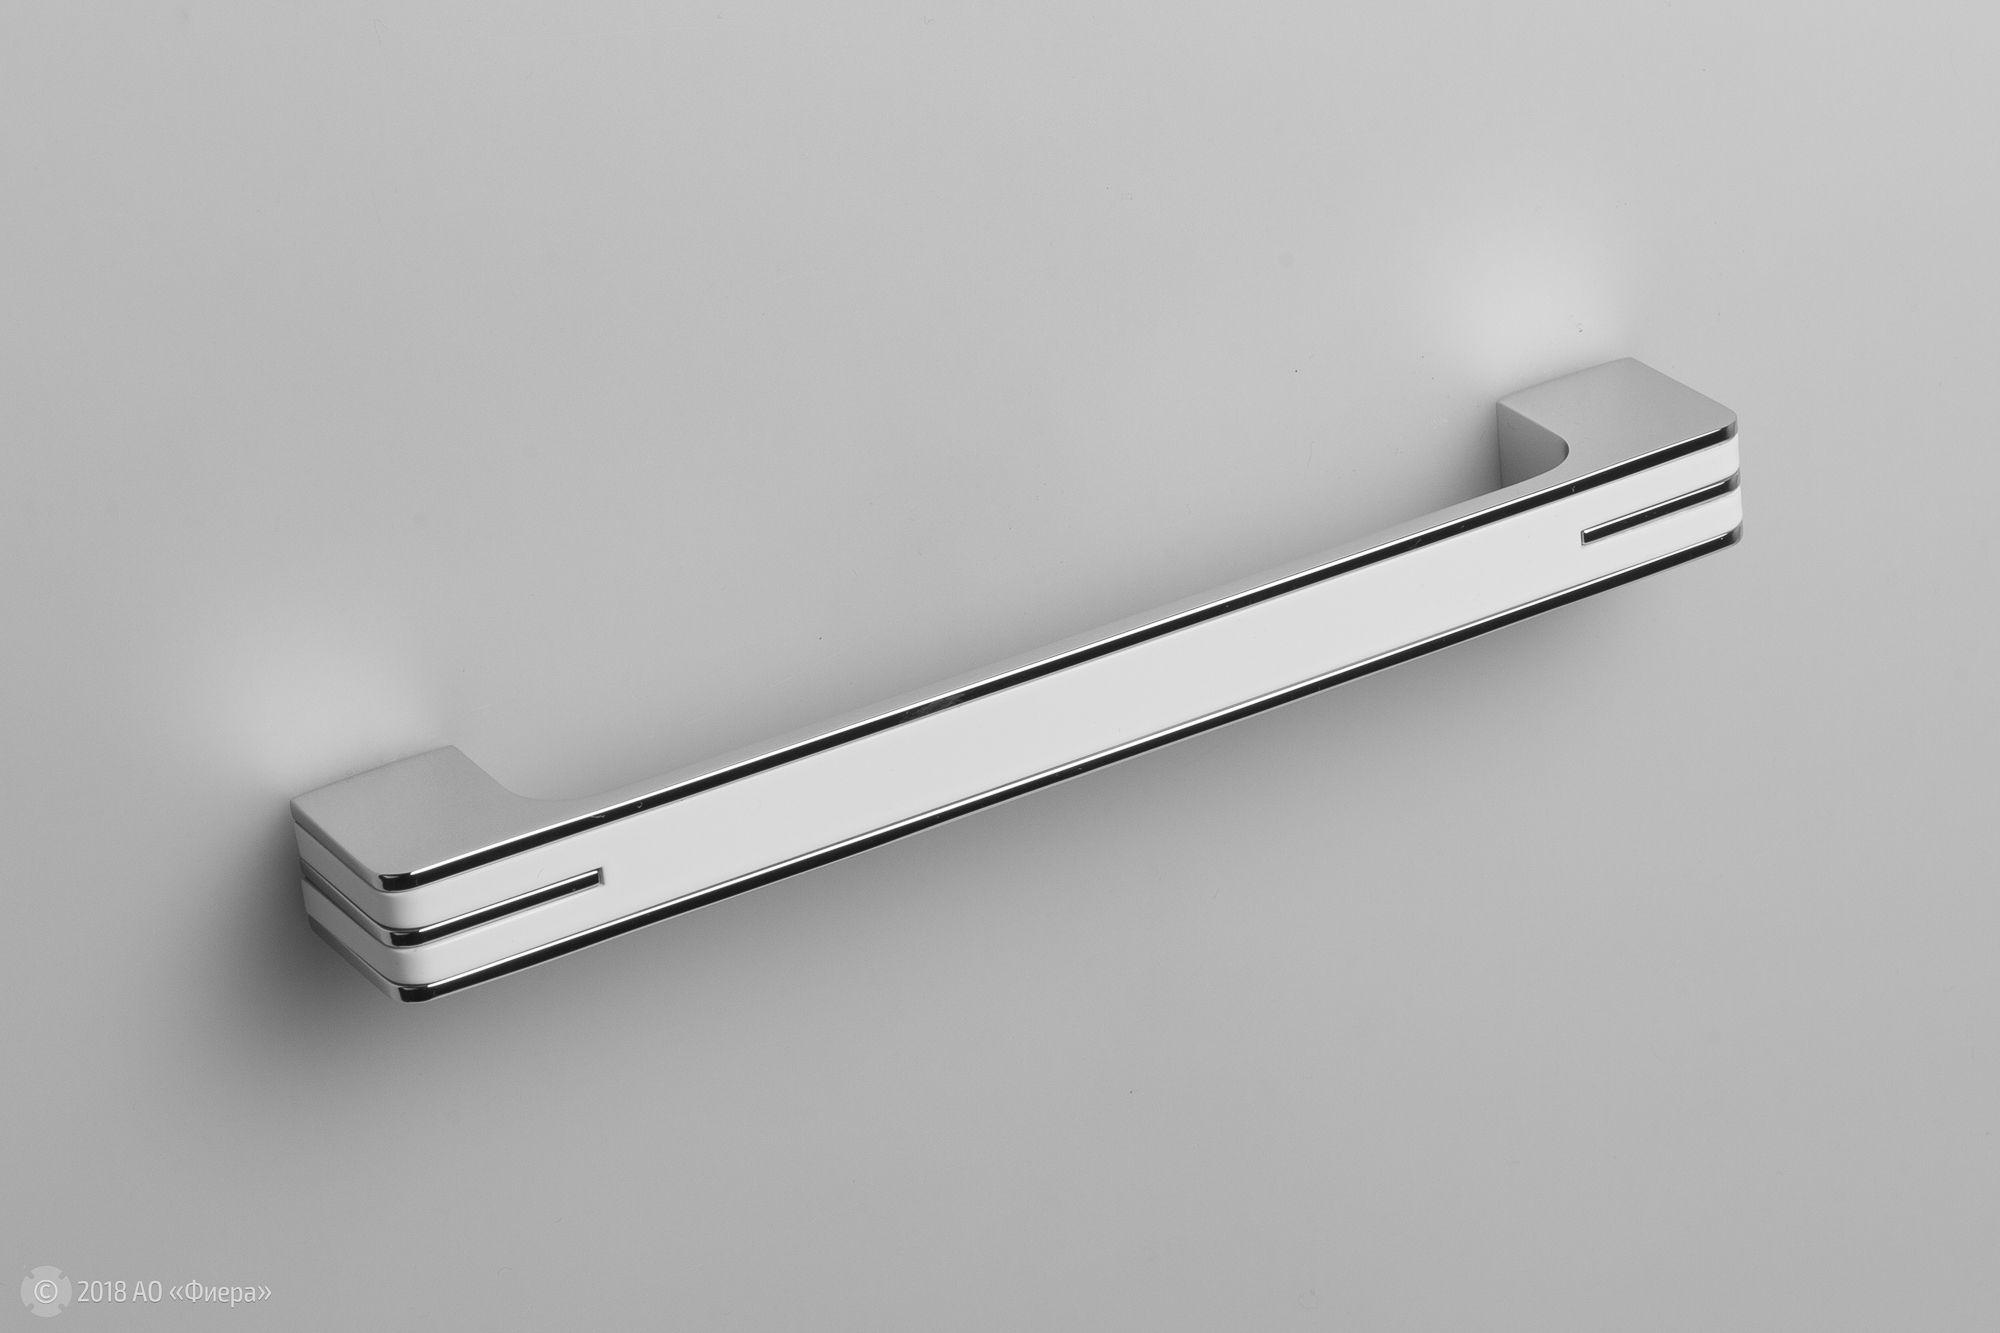 Monohrome ручка-скоба 160 мм хром полированный с белой вставкой: купитьв интернет-магазине Fierashop